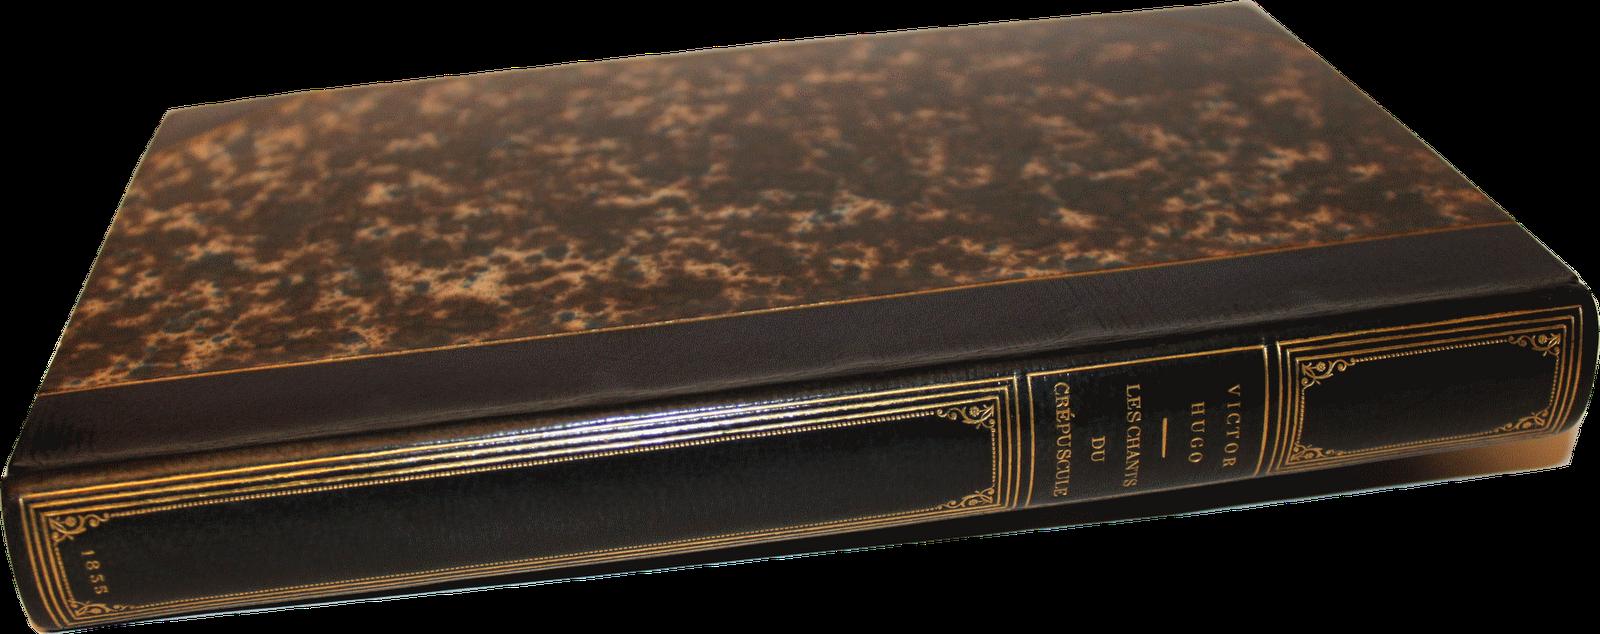 Extrêmement Le Bibliomane Moderne : Bibliophilie et autres Bibliomanies  XQ81